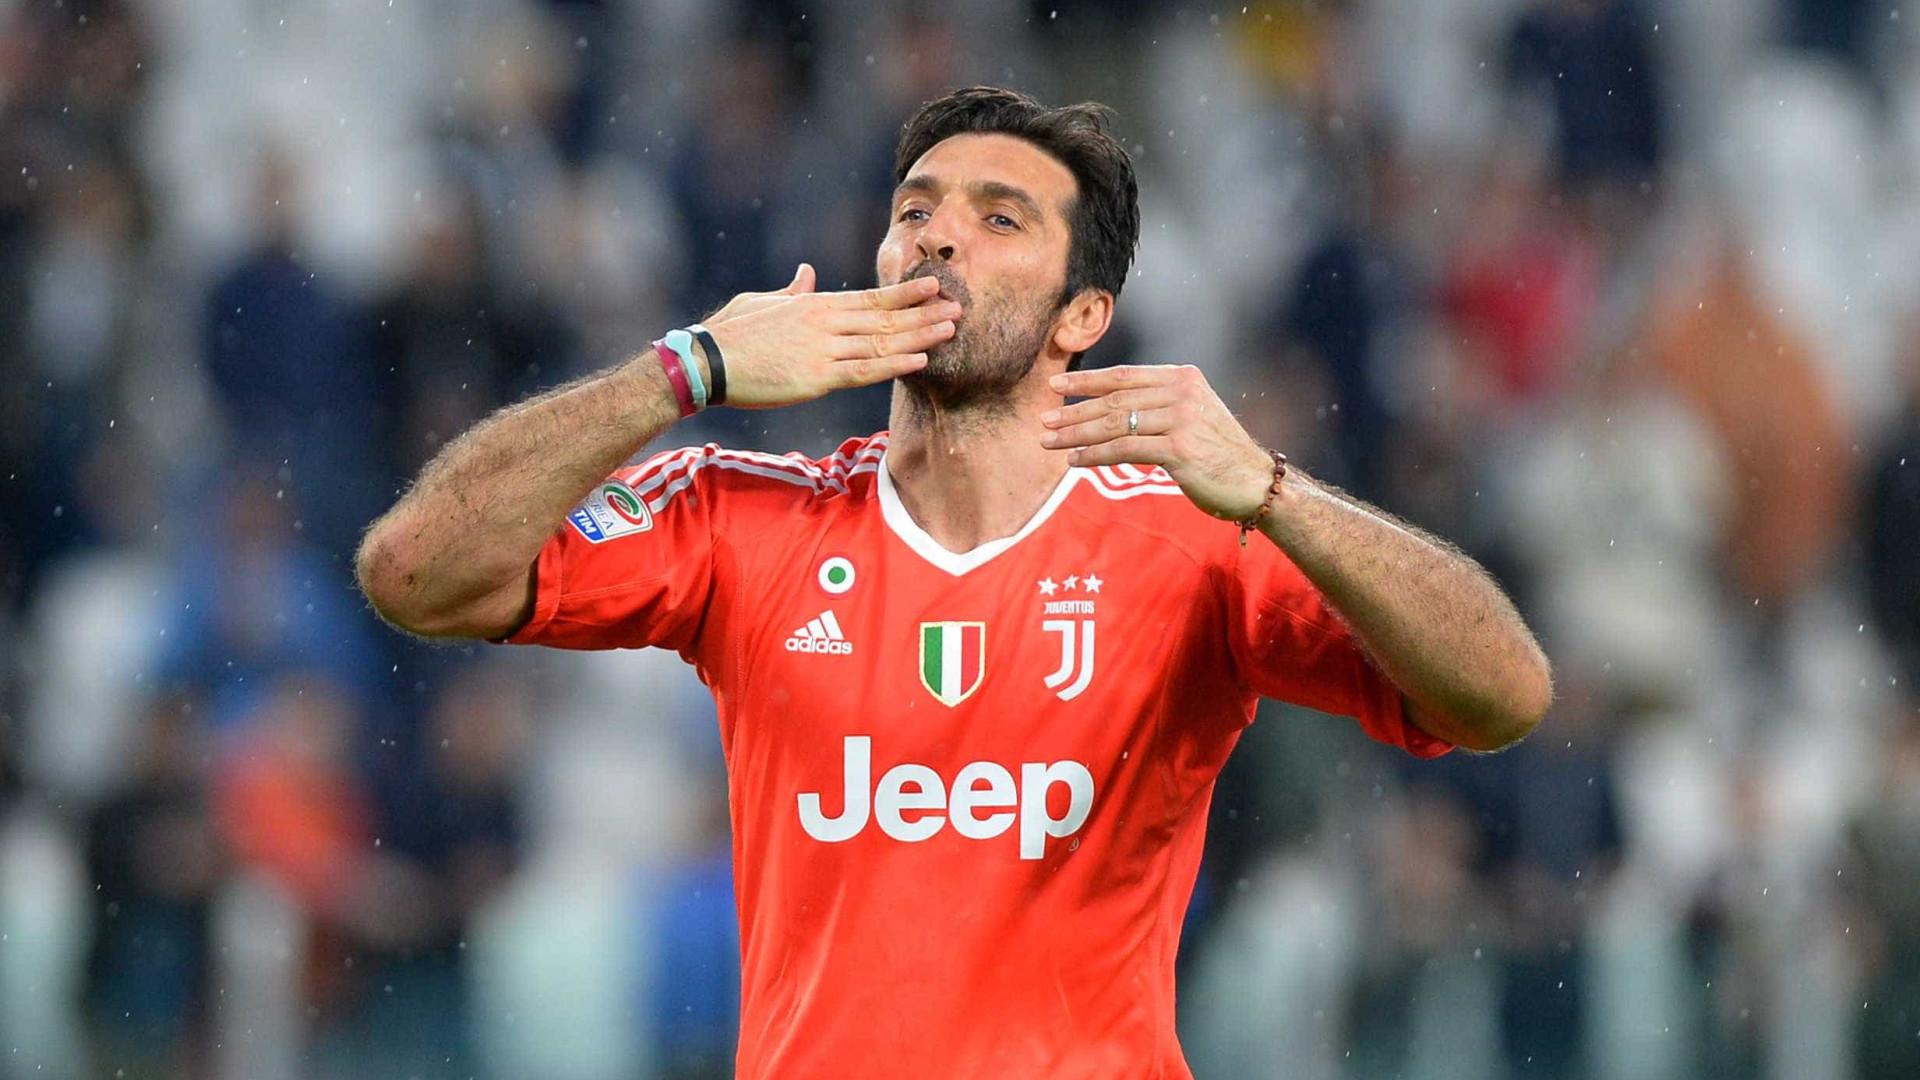 Juventus divulga vídeo em homenagem a Buffon, que deixará o clube